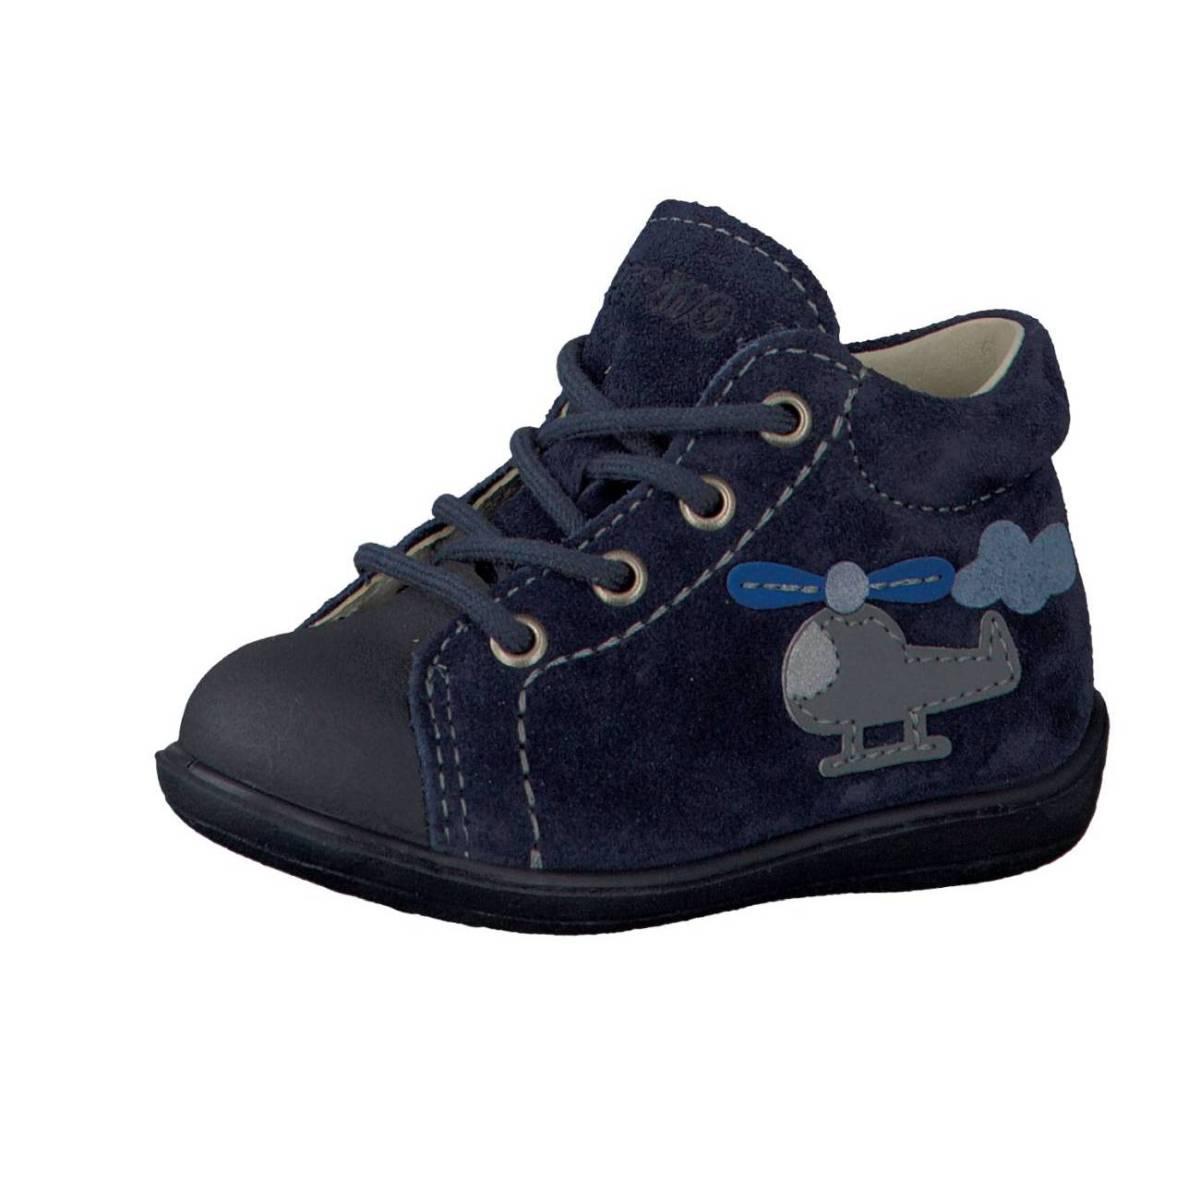 Ricosta Pepino Andy dunkelblau flieder nautic Lauflernschuhe Stiefelchen Kinder